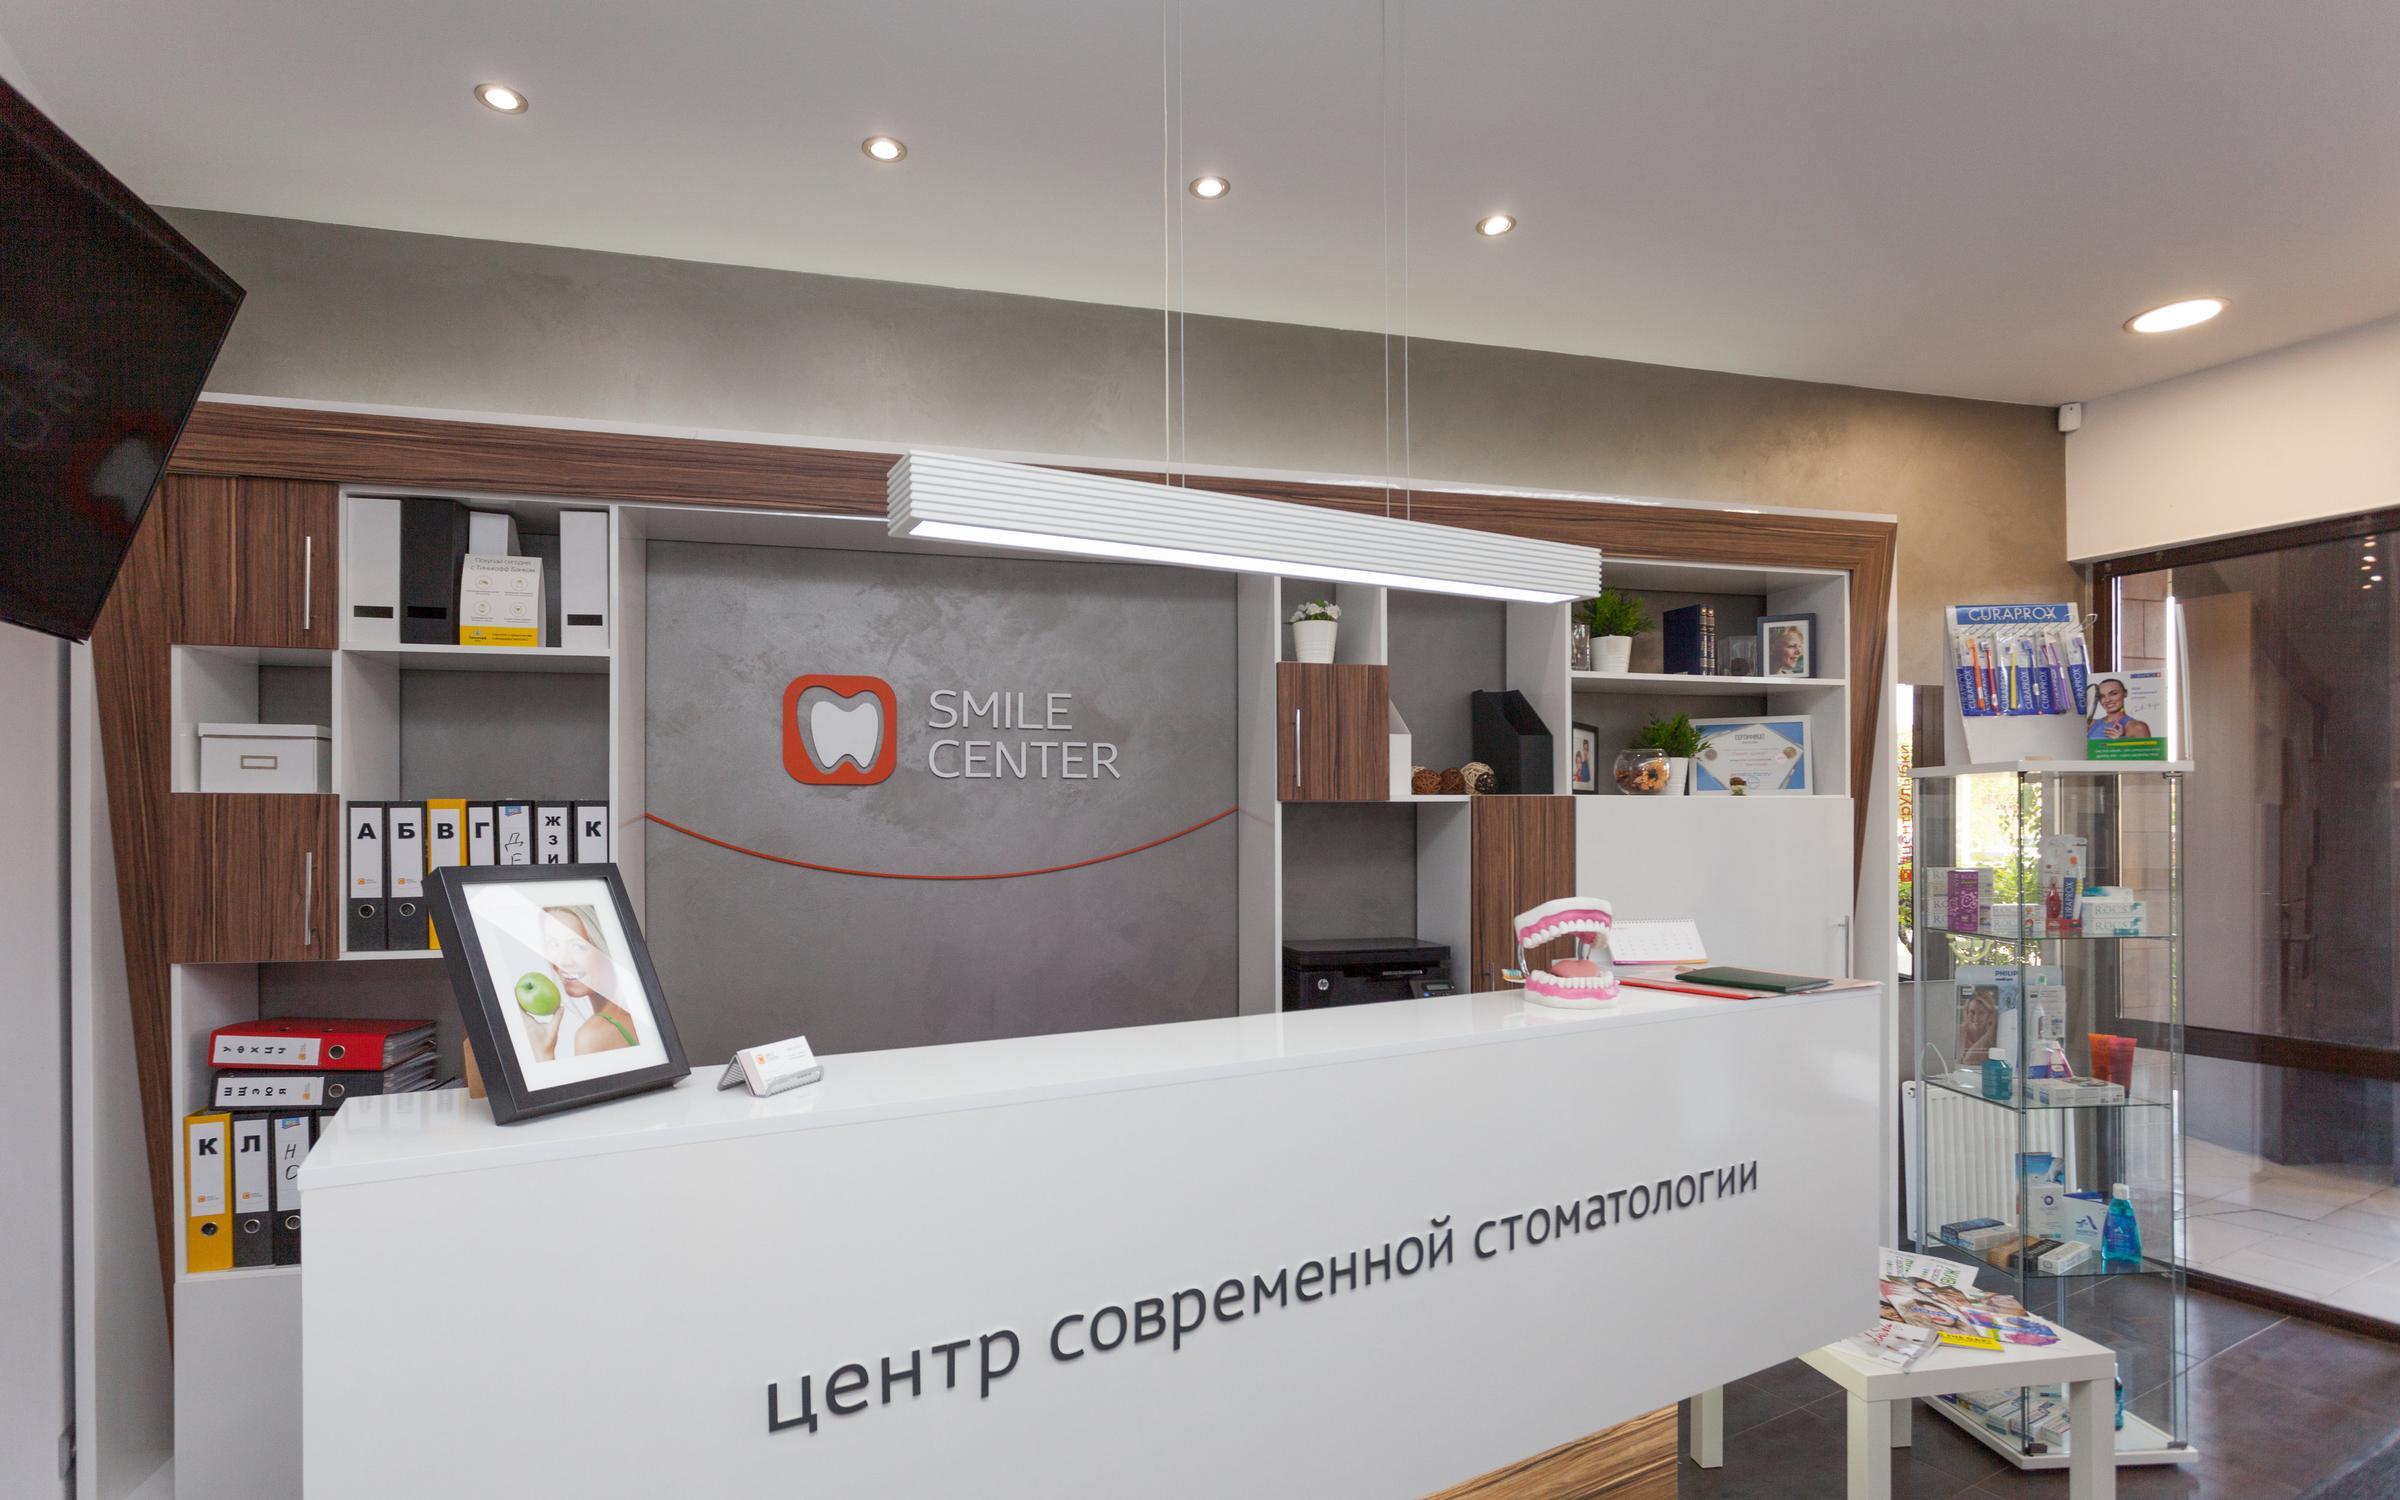 фотография Центра современной стоматологии SMILE CENTER